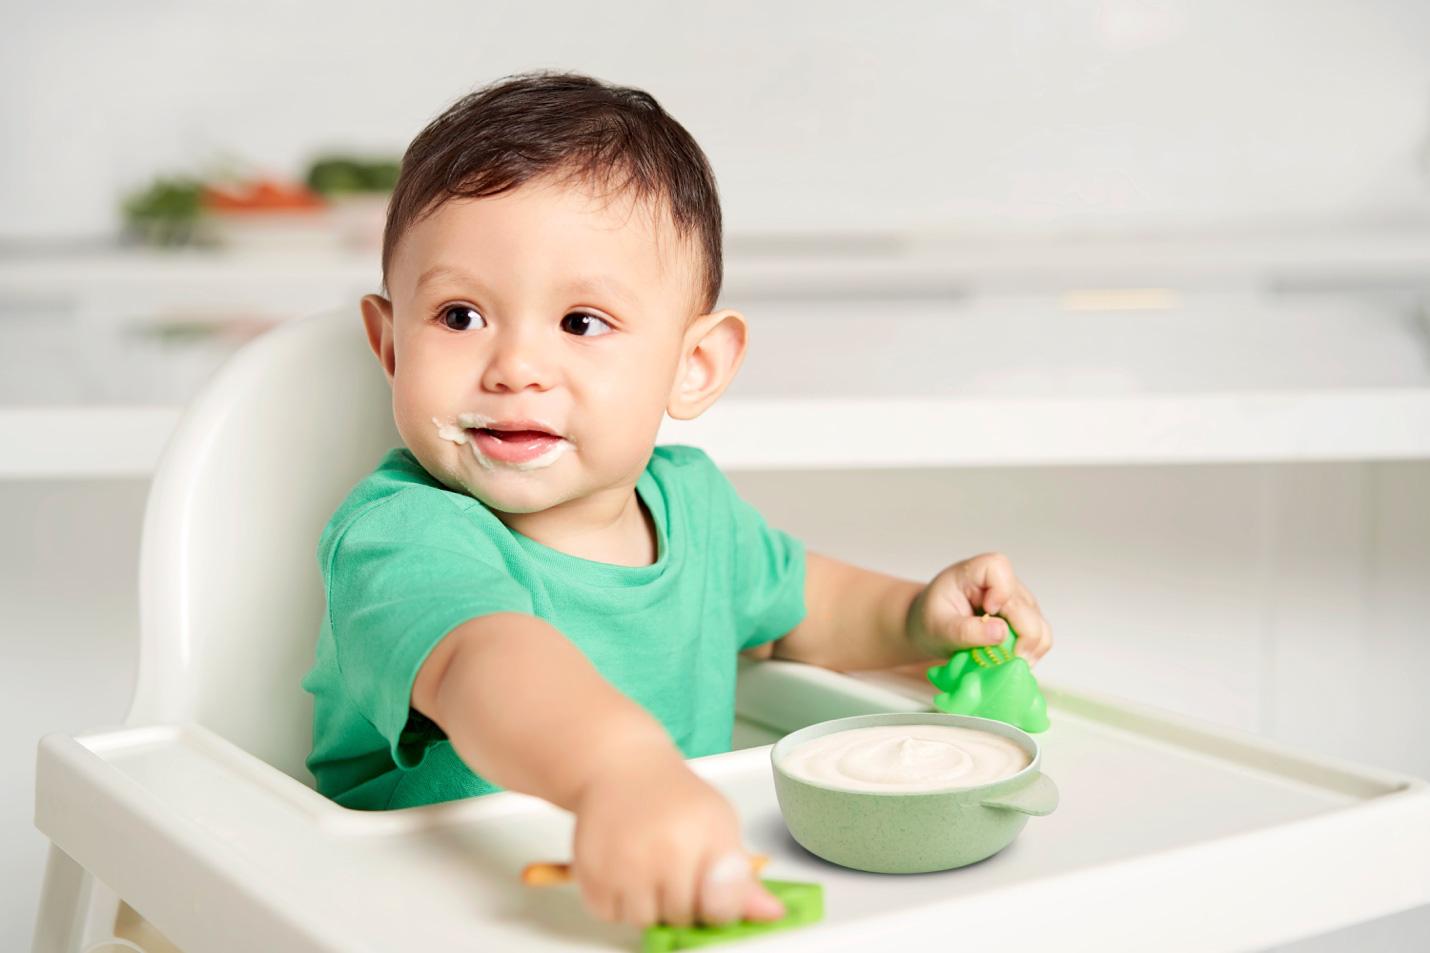 Bắt đầu ăn dặm bằng bột ngũ cốc hữu cơ để trẻ phát triển khỏe mạnh ngay từ giai đoạn đầu đời